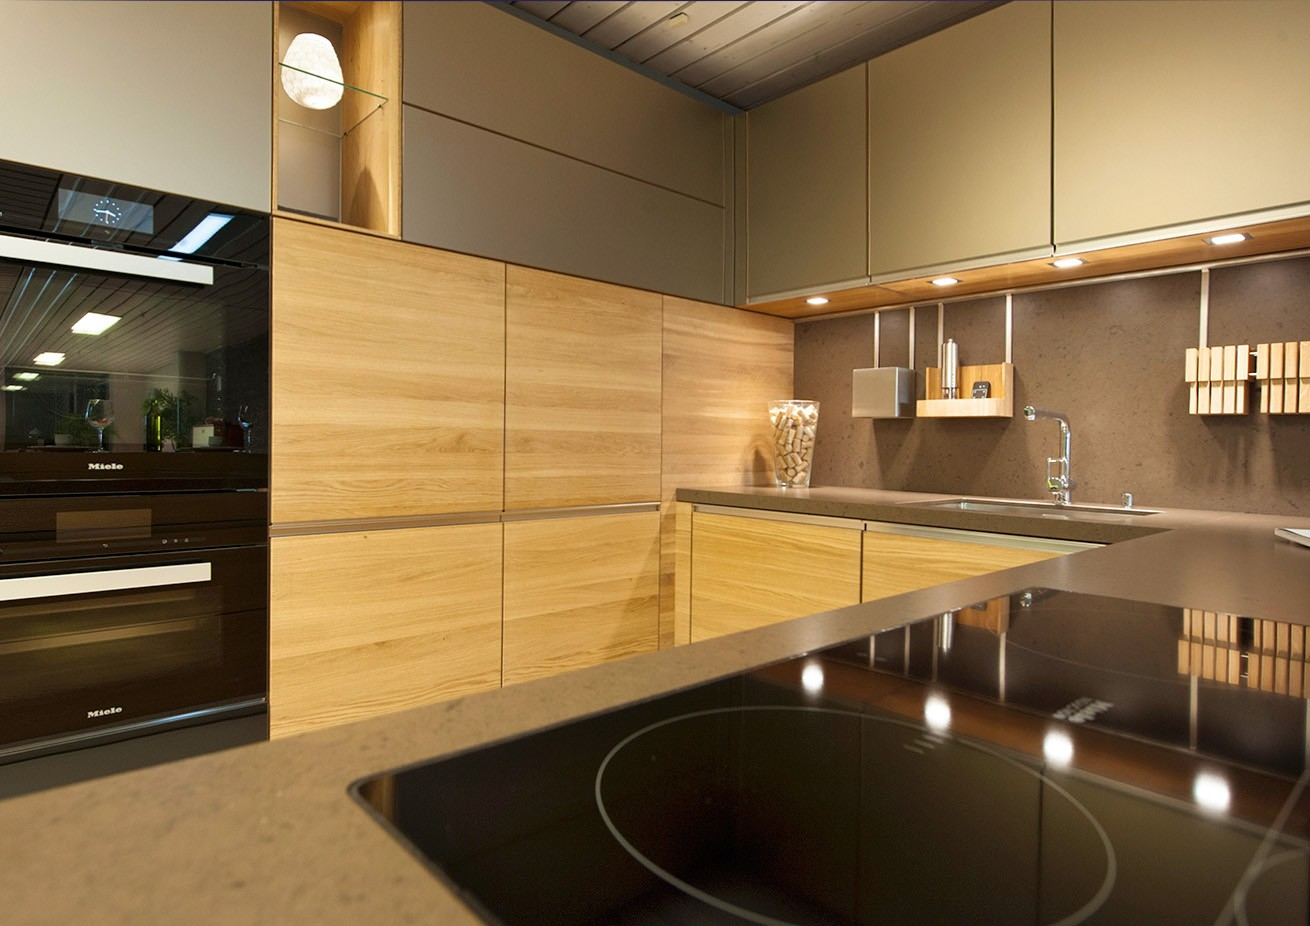 Lassen Sie sich in unserer Küchen-Ausstellung in Naters inspirieren und beraten